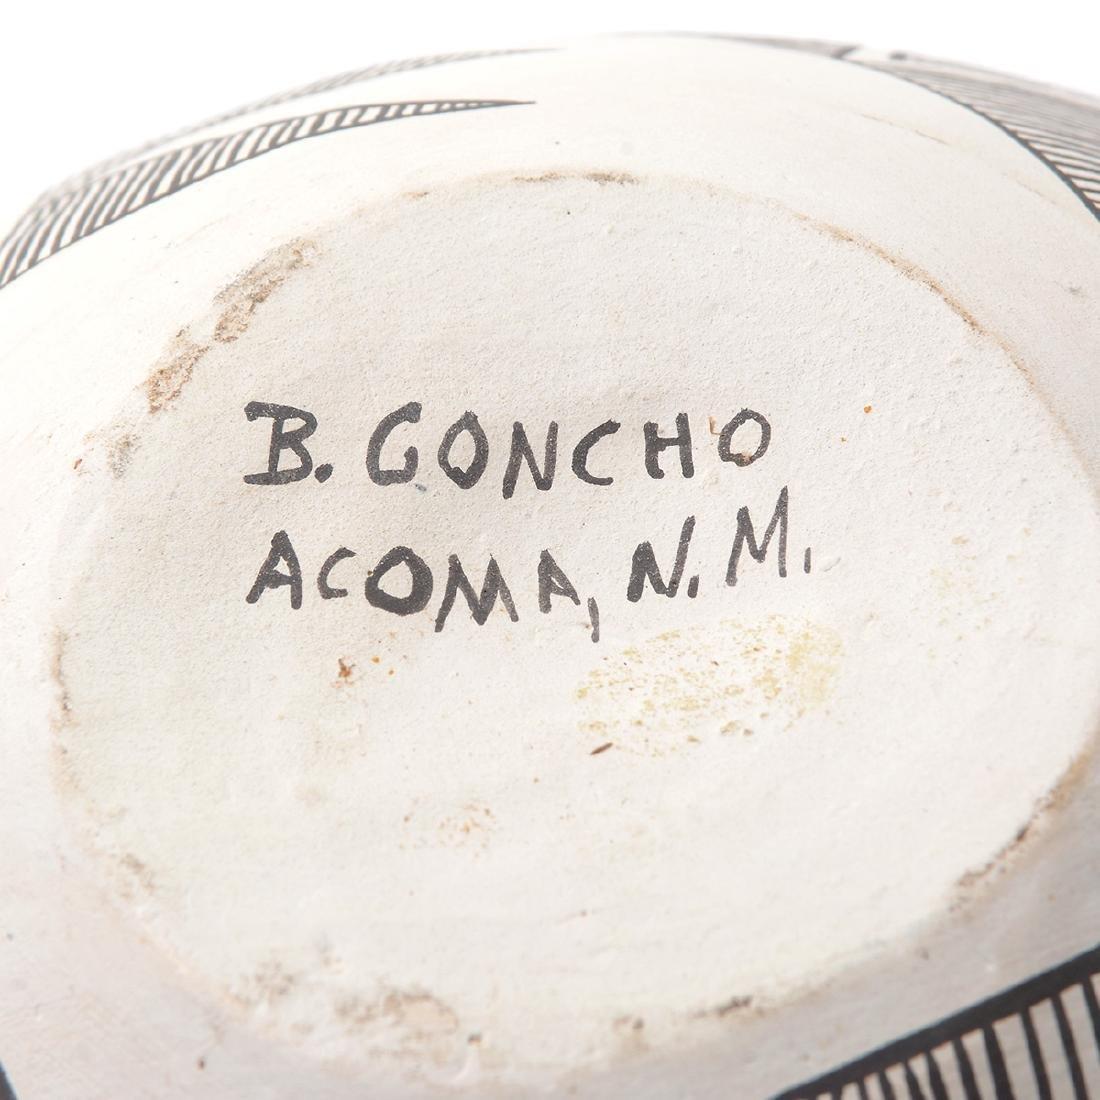 Acoma Geometric Vase with Lightning, B.Goncho, NM - 4